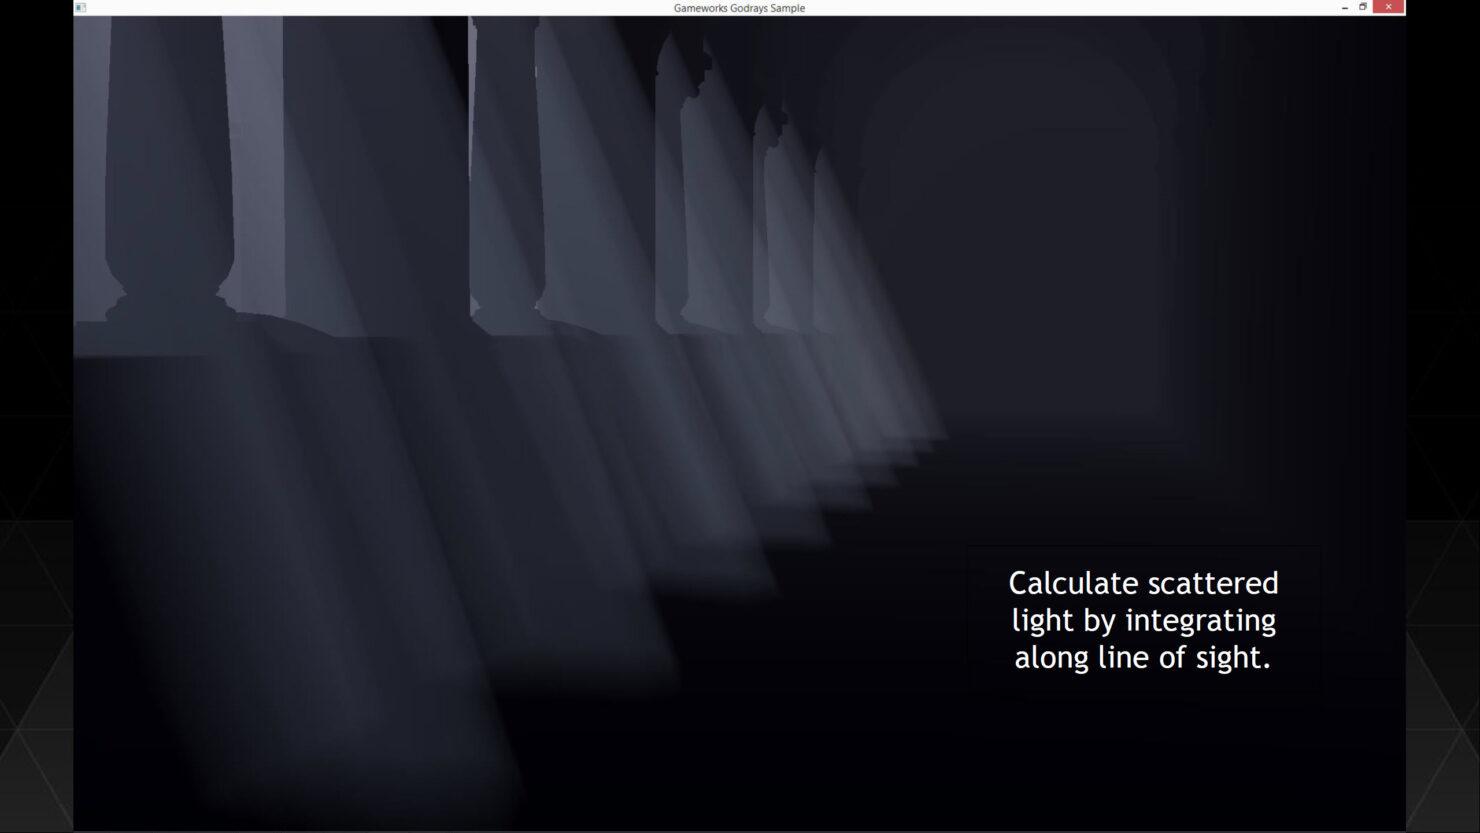 nvidia-gameworks-3-1-sdk_6